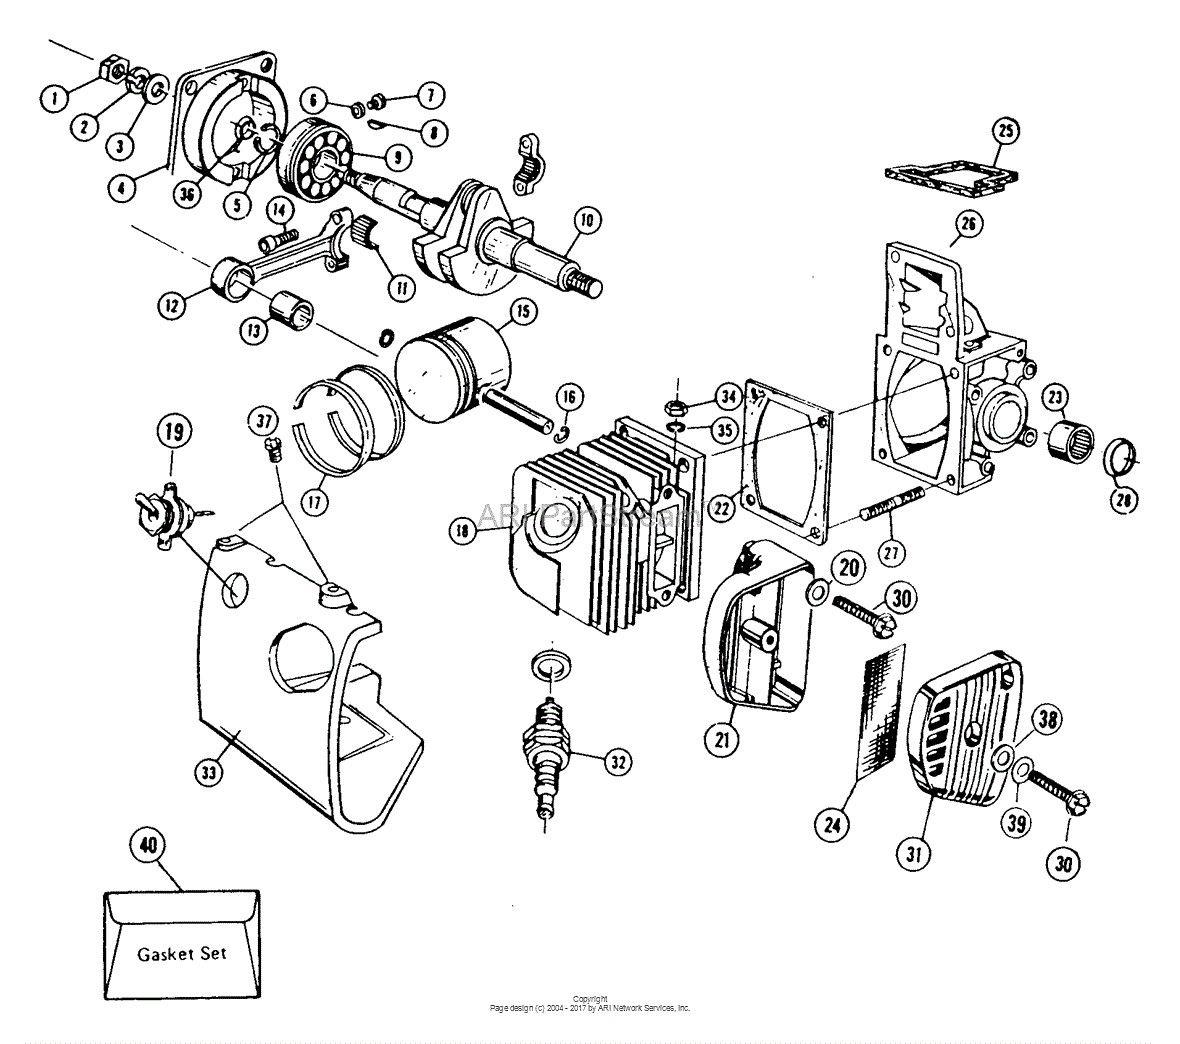 50 Poulan Pro 220 Parts Diagram Em9v